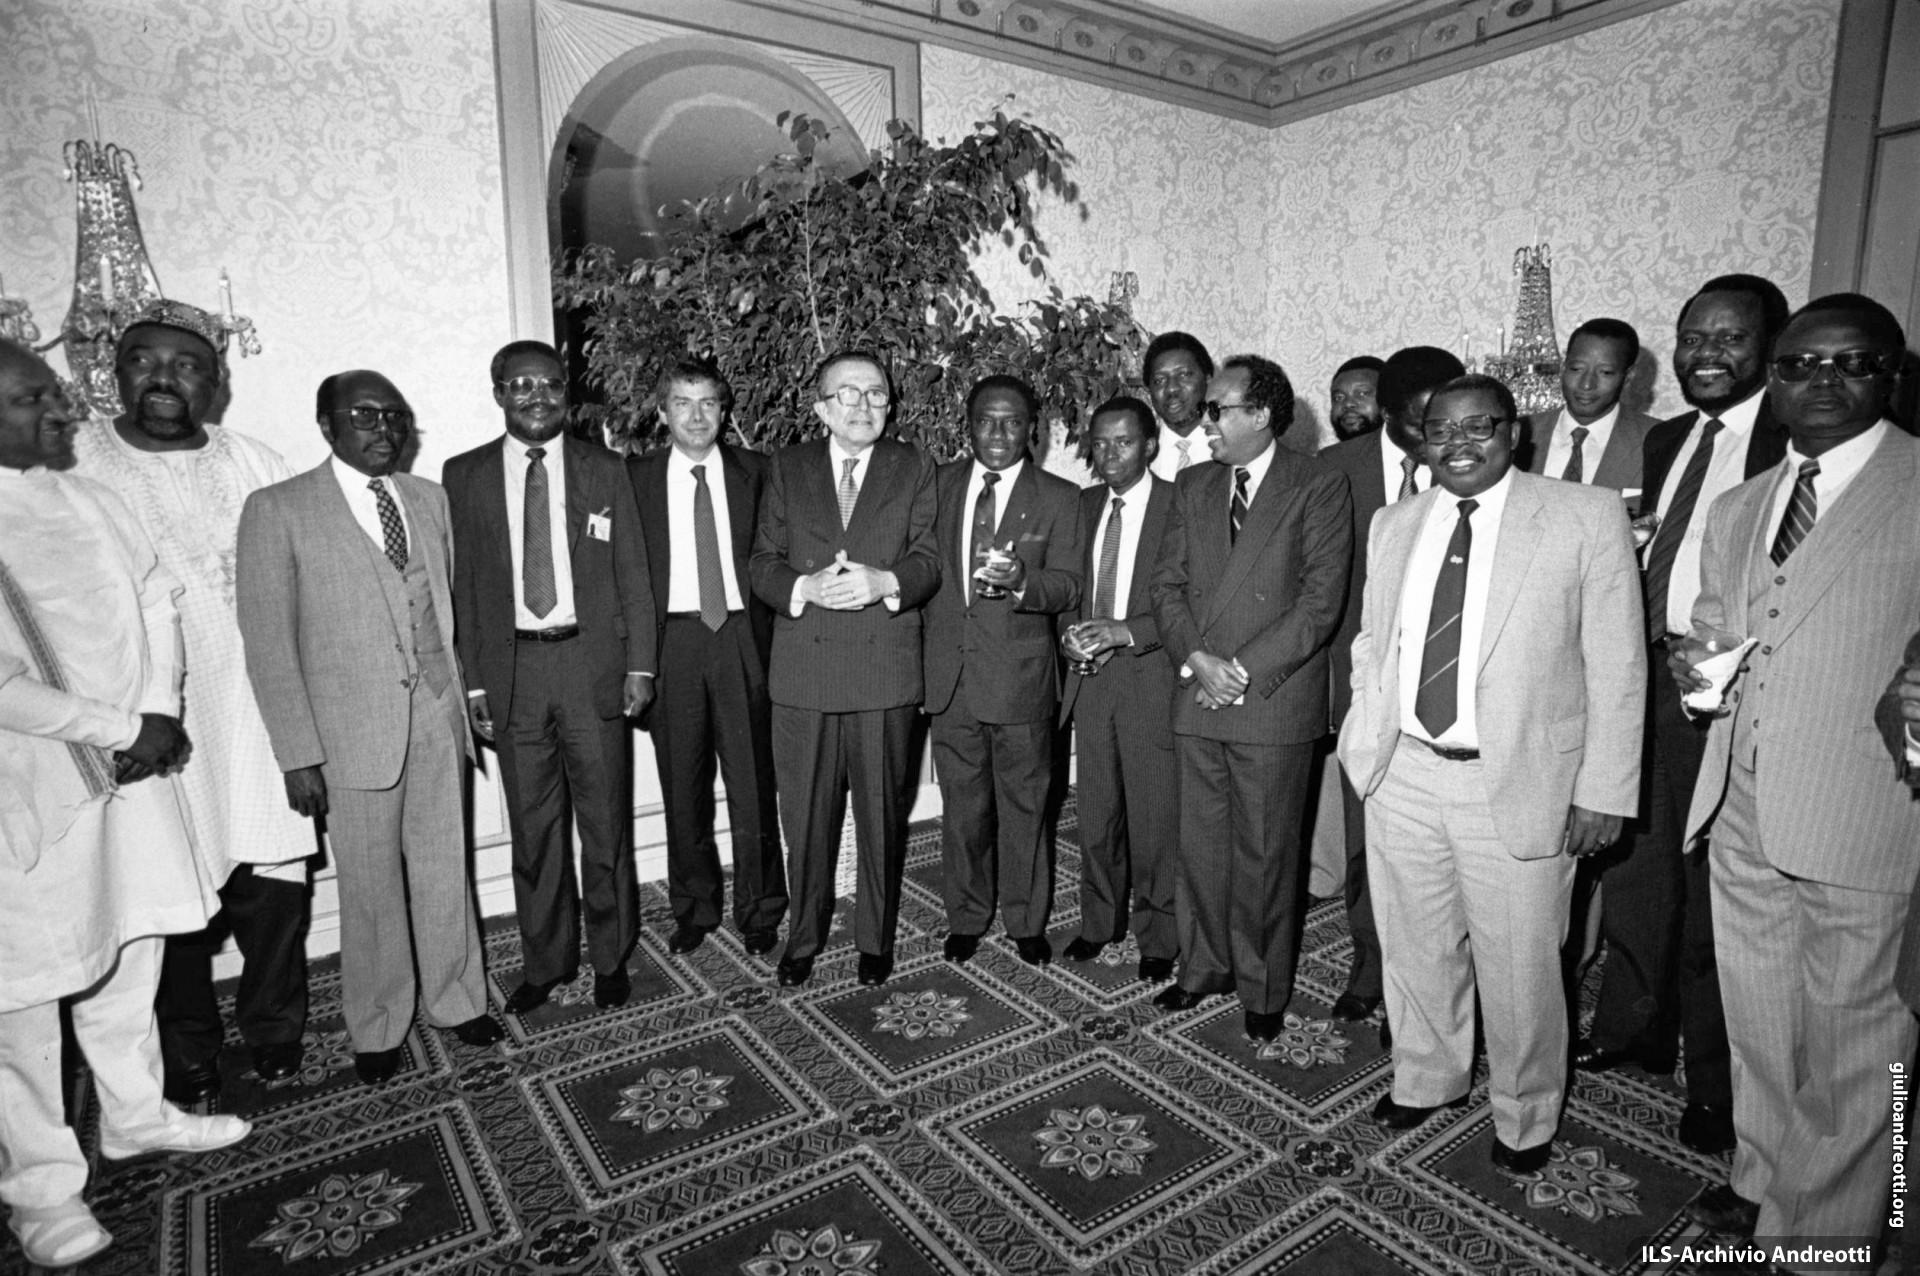 25 settembre 1986. Incontro ministeriale italo-africano a New York